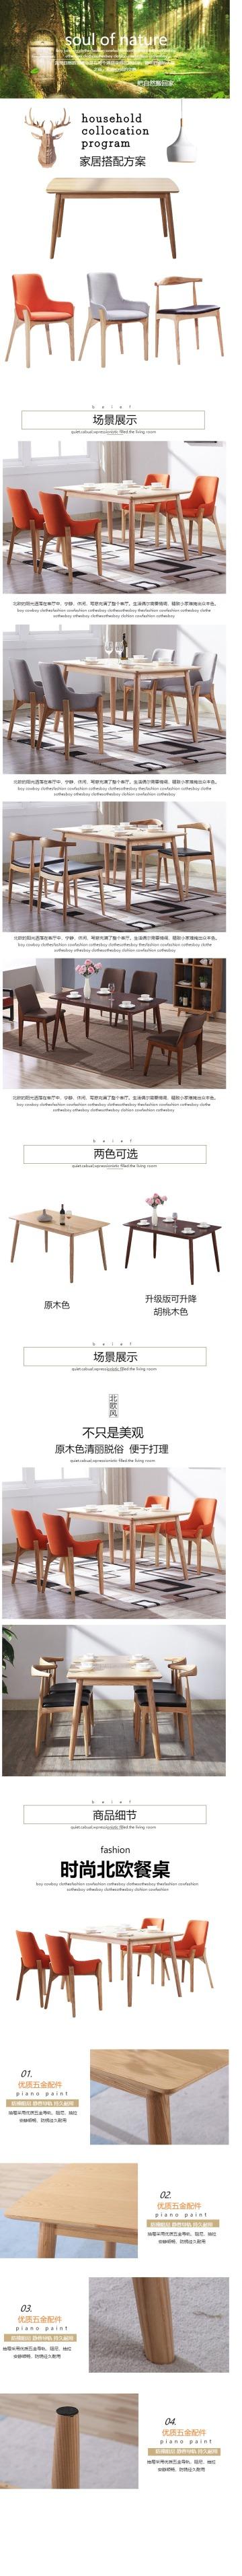 灰色时尚家具家装椅子电商详情页